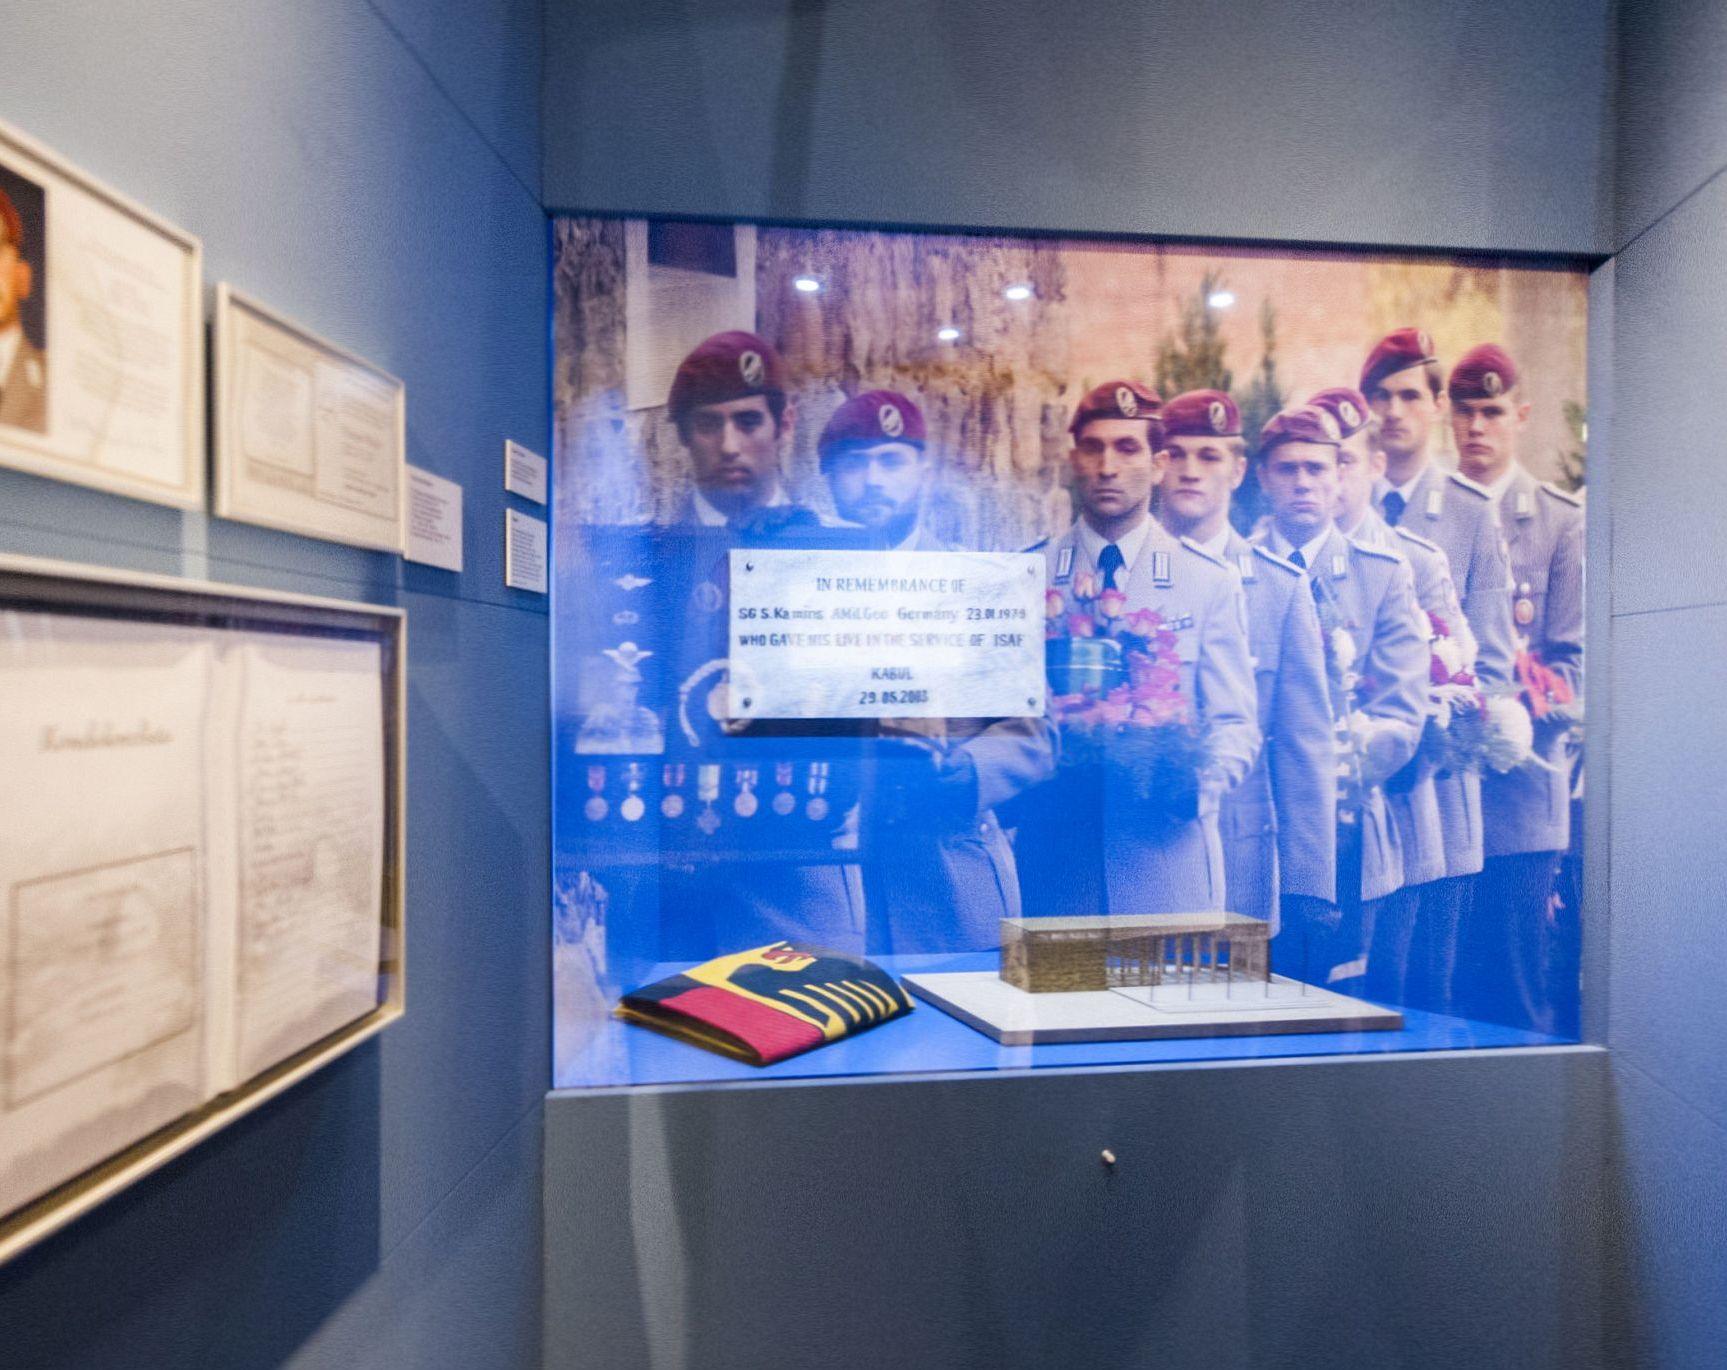 Blick in eine Ausstellungseinheit mit einem großformatigen Foto von Soldaten in einem Trauerzug, einem Architekturmodell, einer zusammengefalteten Deutschlandflagge, einer Traueranzeige und weiteren Dokumenten